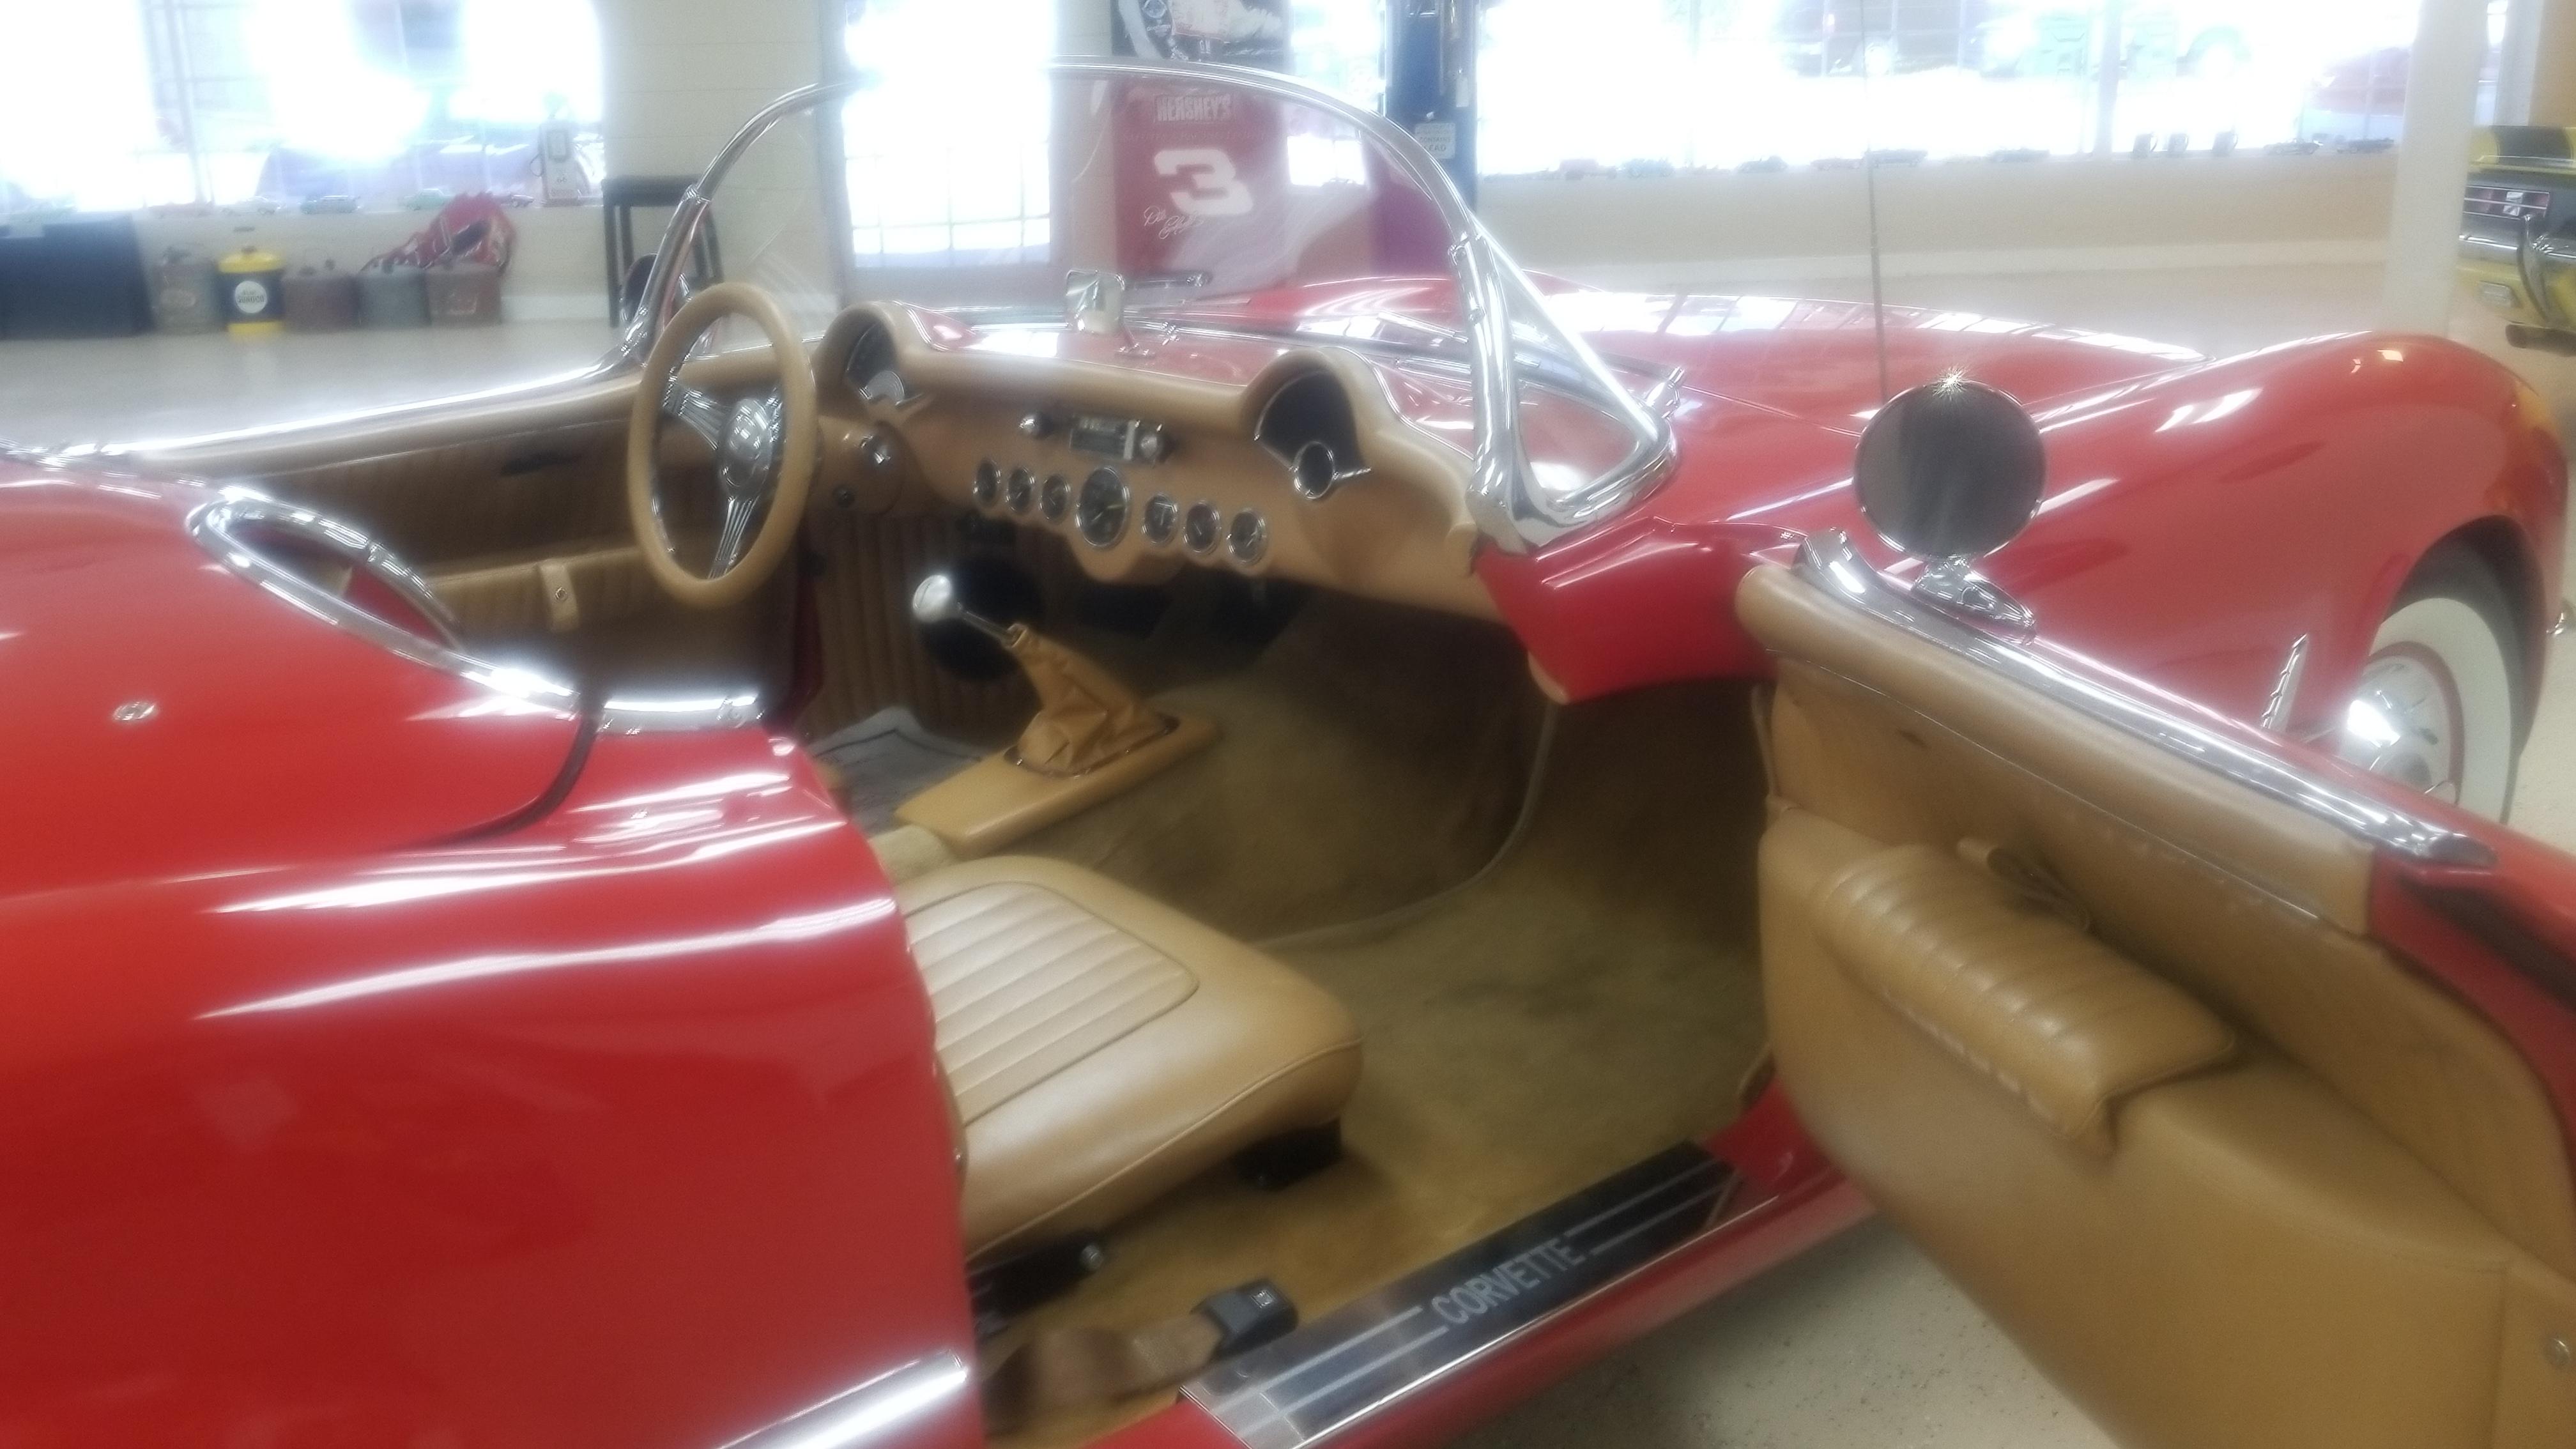 Chevrolet 350, 1955 Corvette, Little Red Corvette, American Classic, Southern Classic Car, Southern Classic Cars, southernclassiccar.com, 1955 corvette replica for sale, for sale